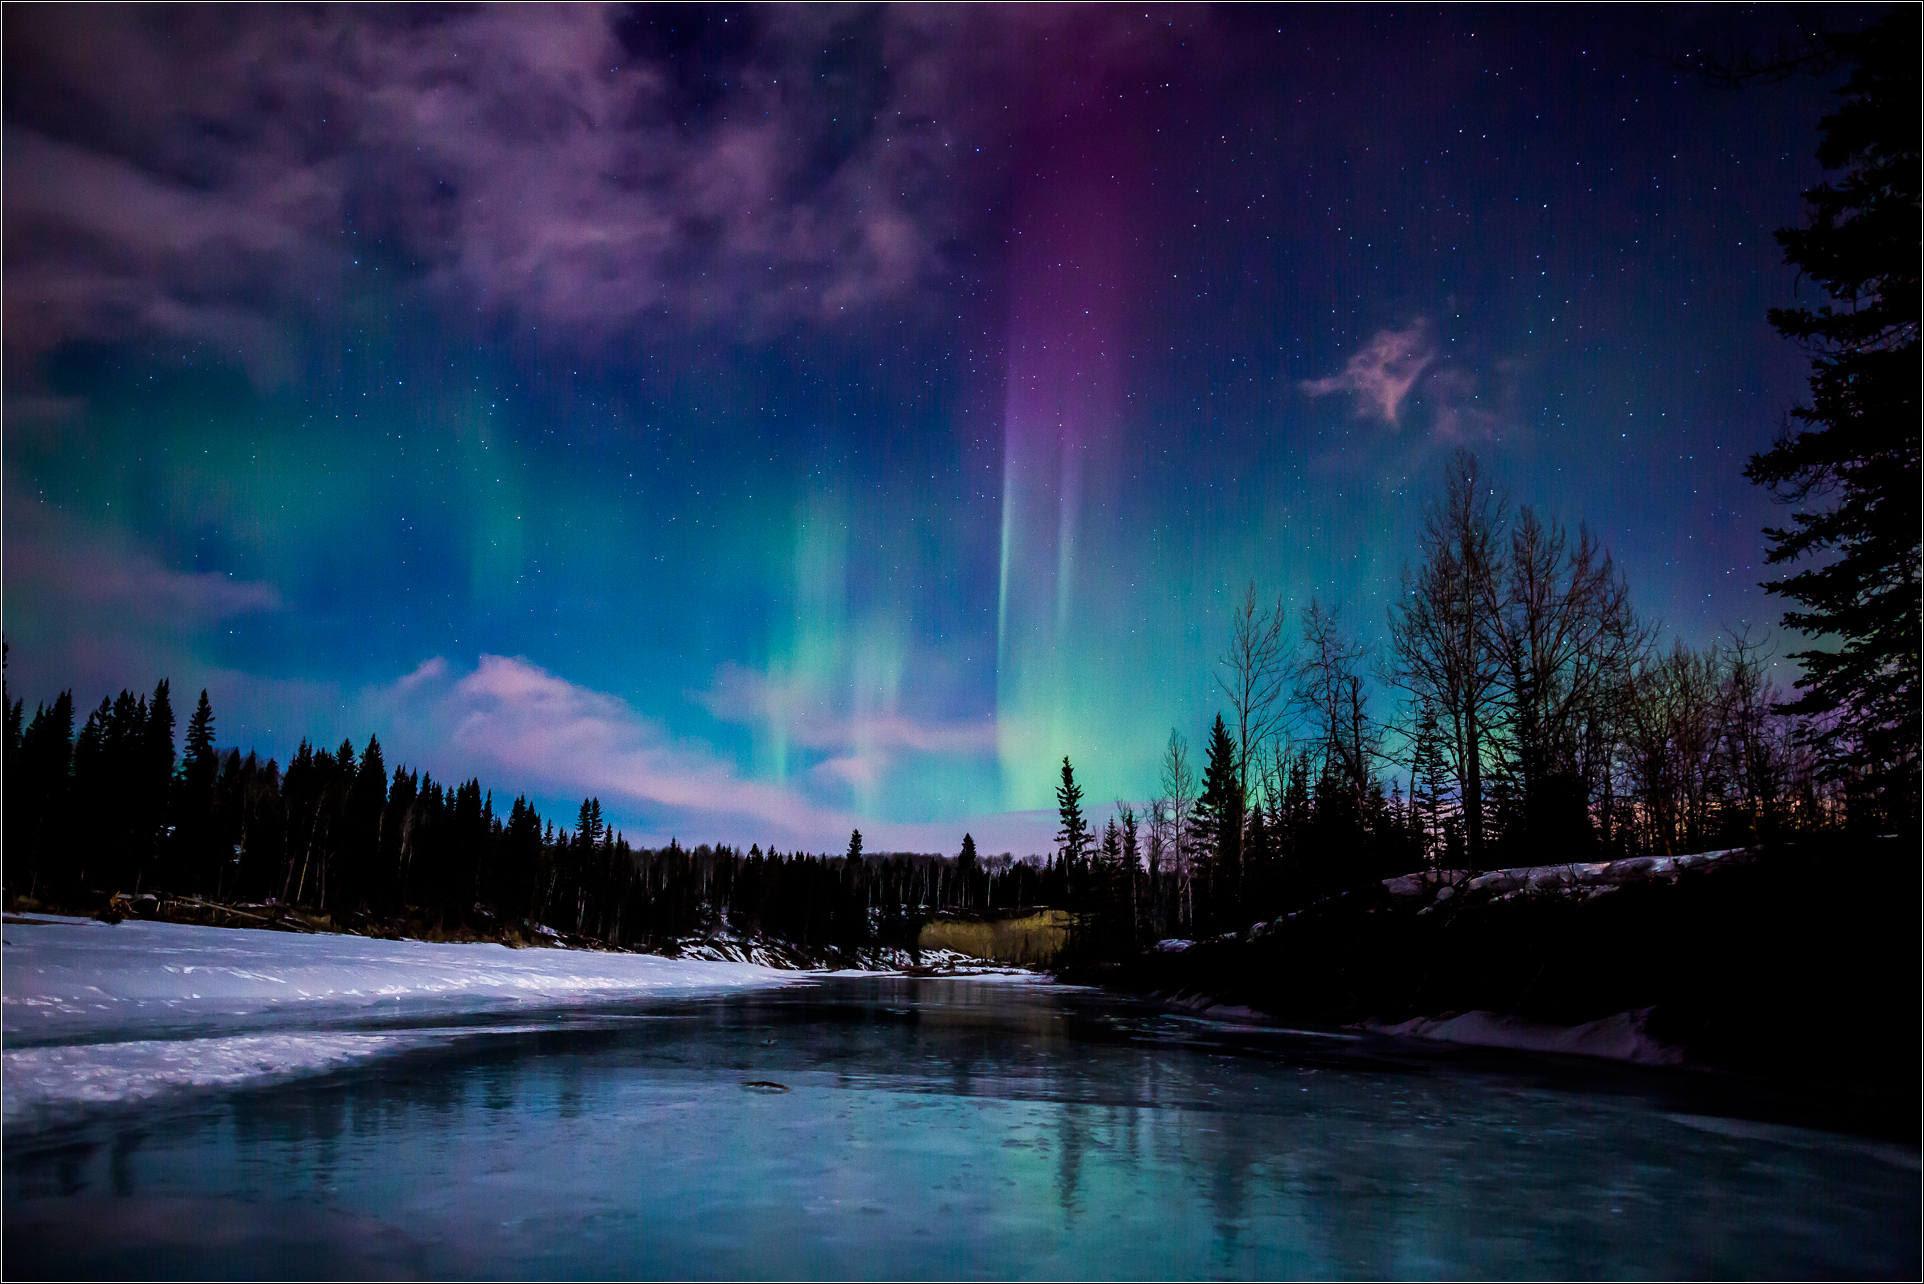 Alaska Northern Lights Wallpaper (64+ images)